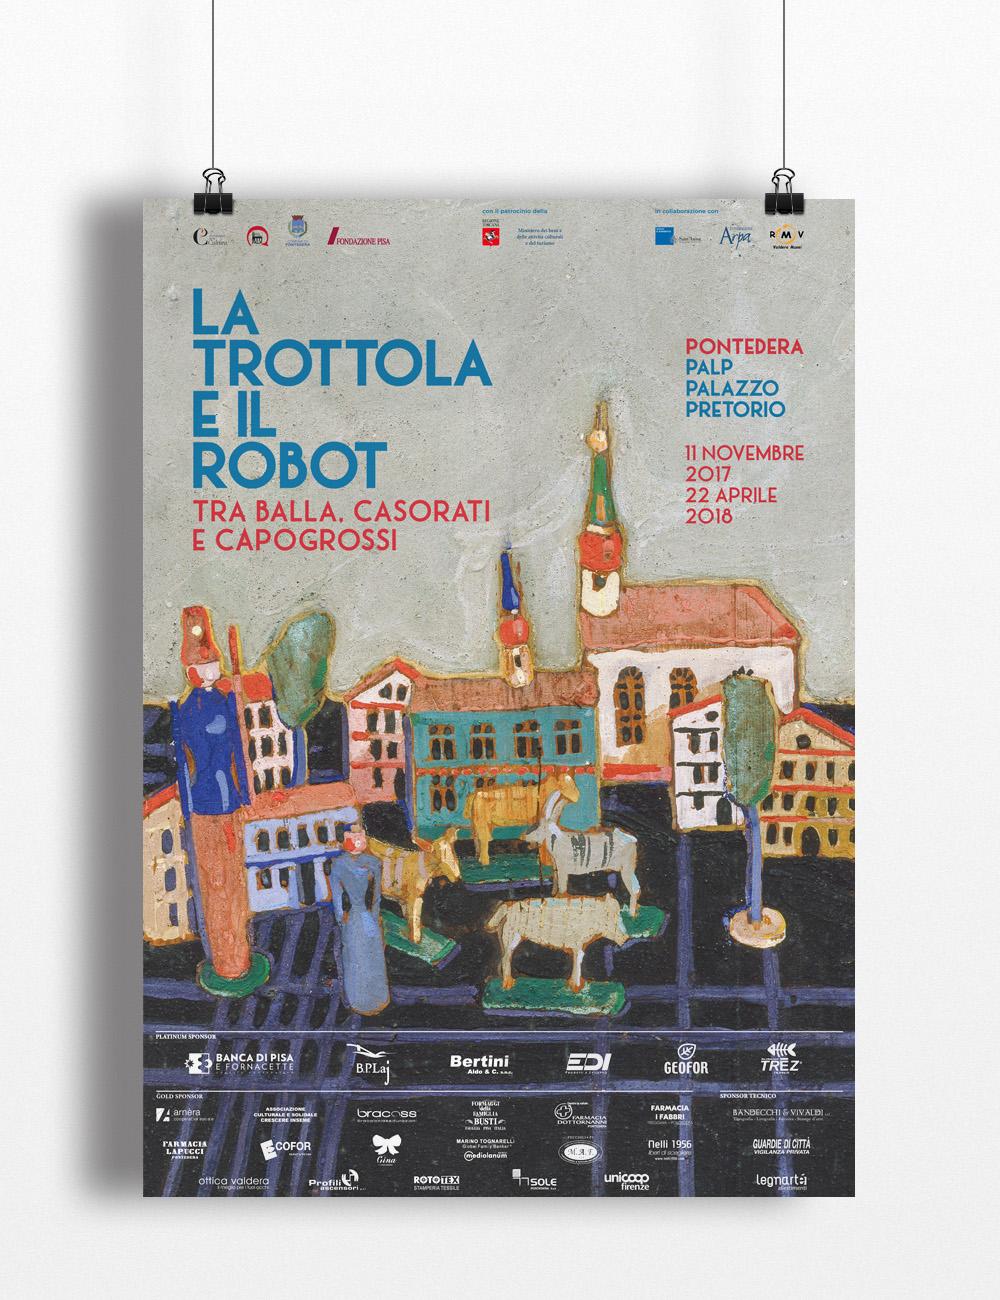 Manfiesto Mostra, La Trottola e il Robot, Casorati, Balla, Capogrossi, Palp, Pontedera, Design Deferrari modesti